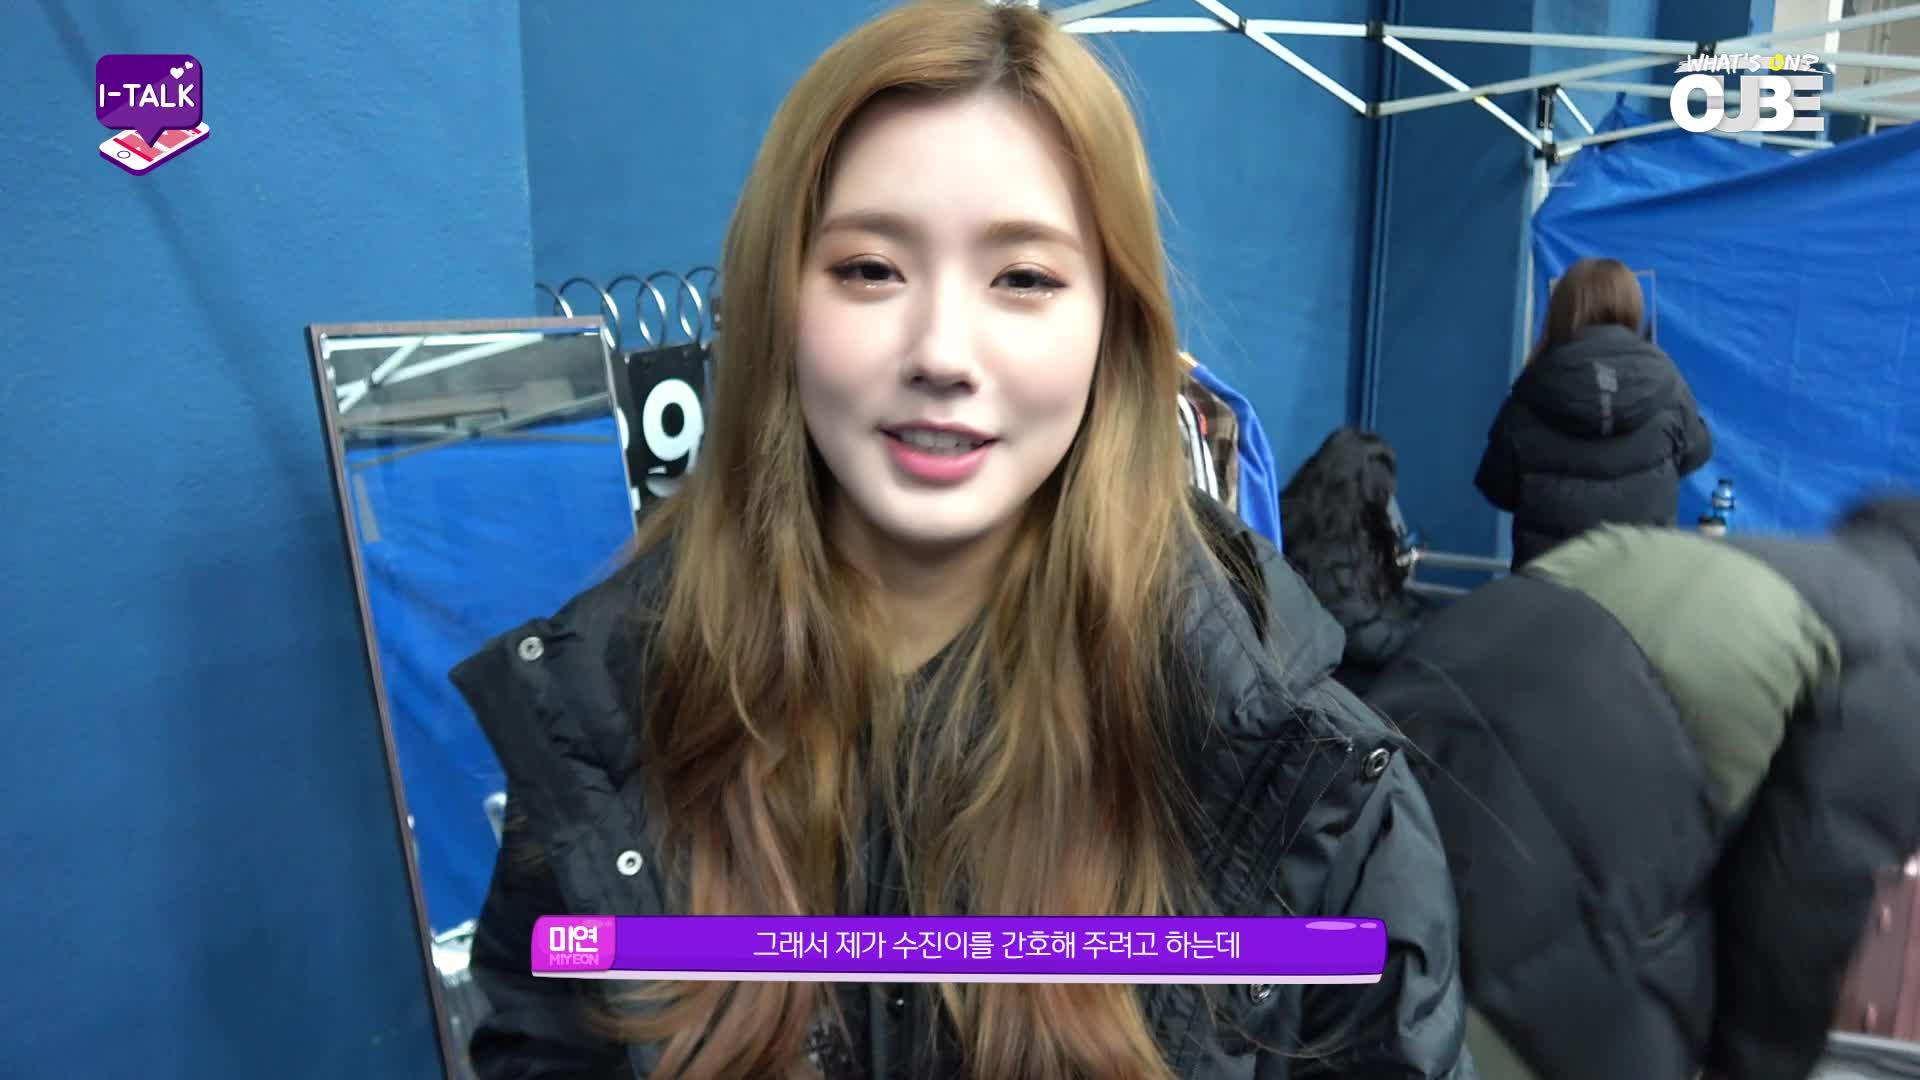 (여자)아이들 - I-TALK #26 : 2019 가온차트 뮤직 어워즈 비하인드